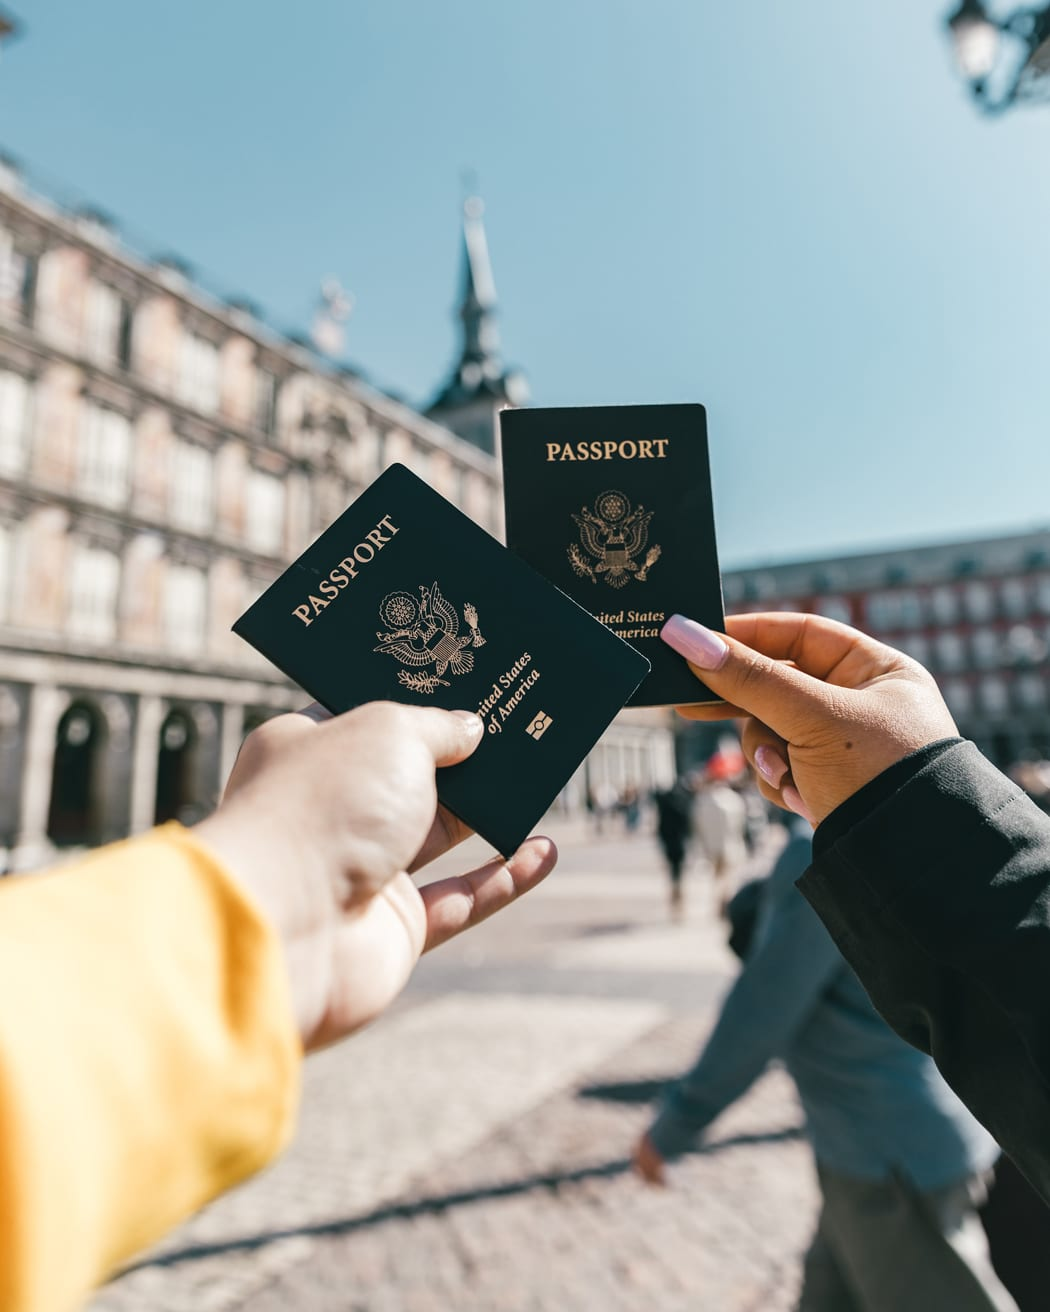 Comment bien préparer son voyage aux États Unis